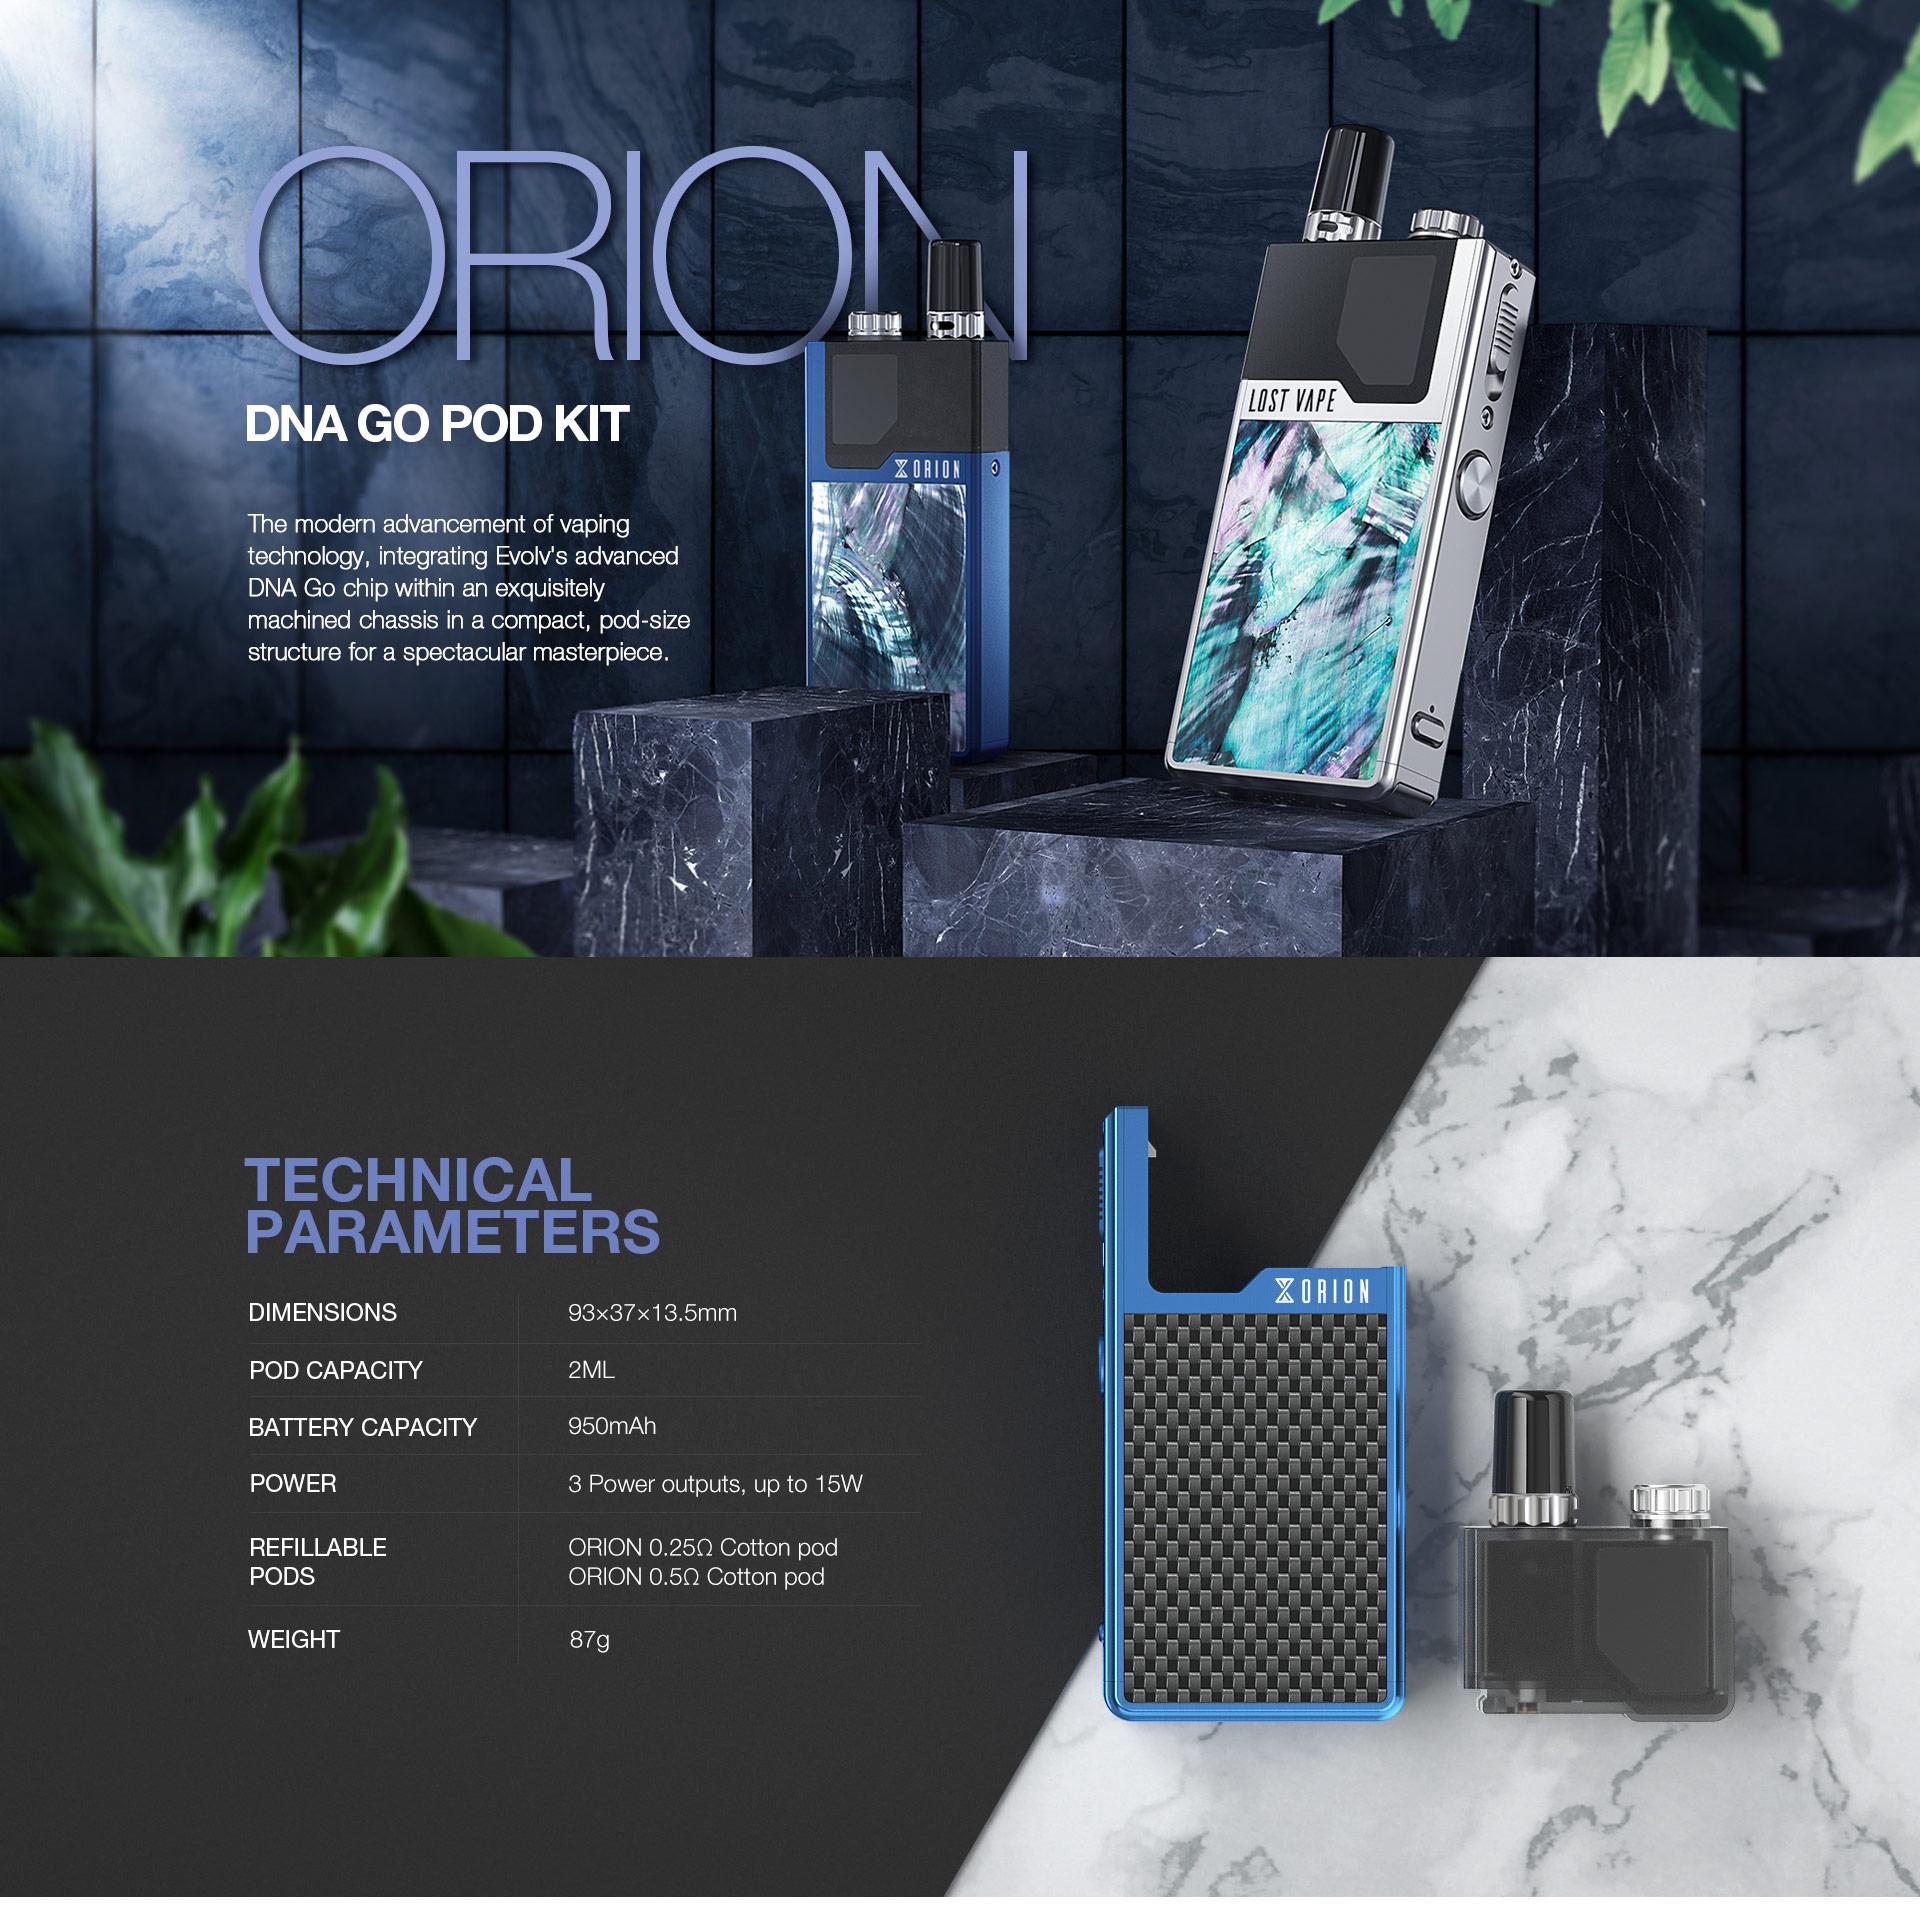 ORION DNA GO POD KIT – Lost Vape